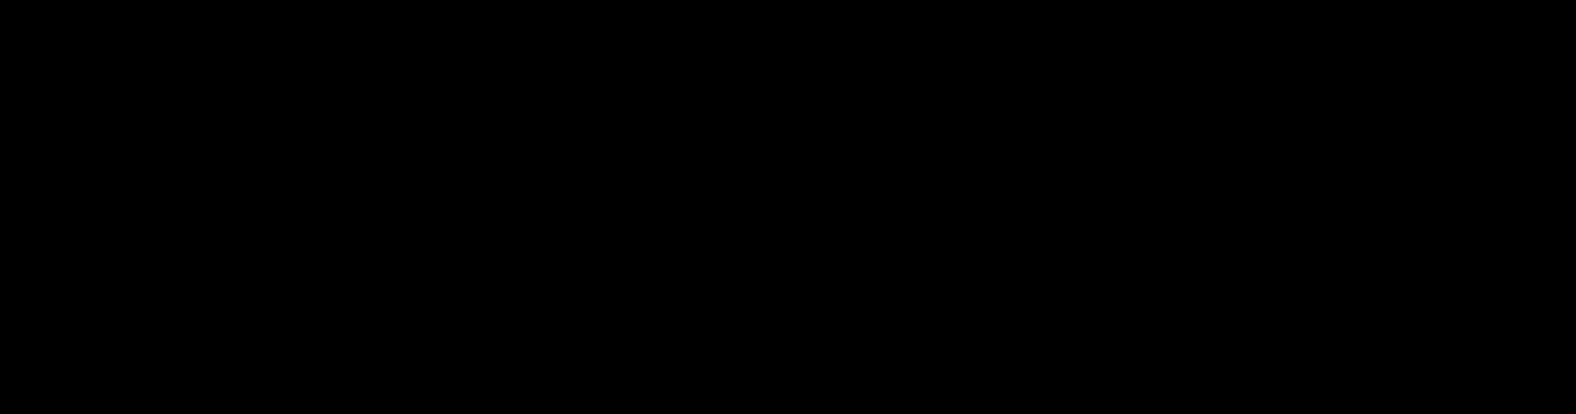 1514411103 header logo black